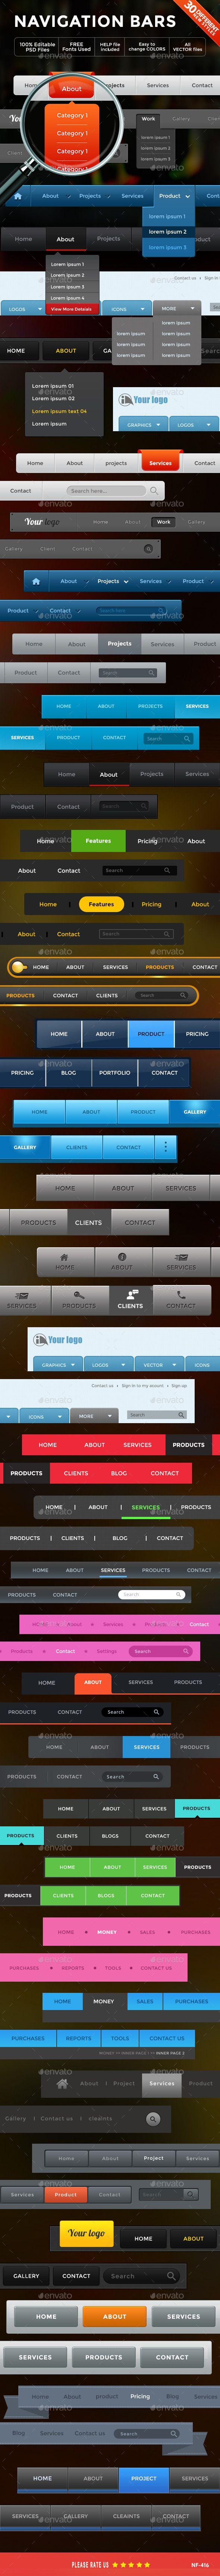 10 best navigation bars templates images on pinterest navigation